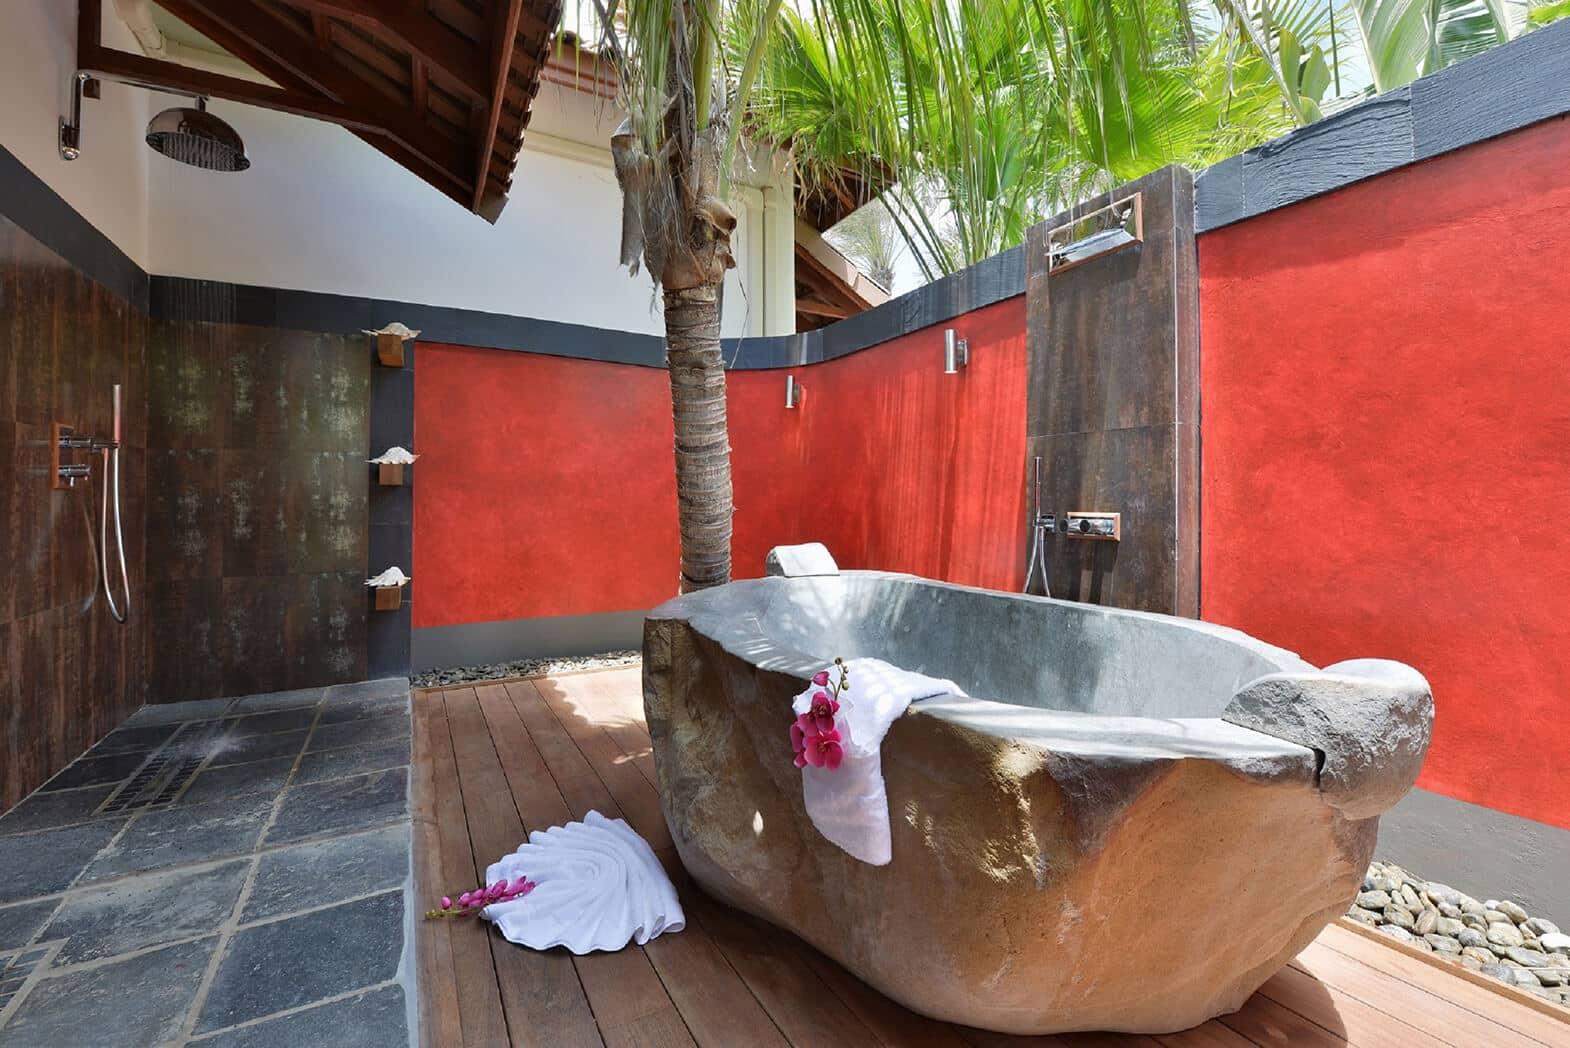 outdoor-stone-bath-tub